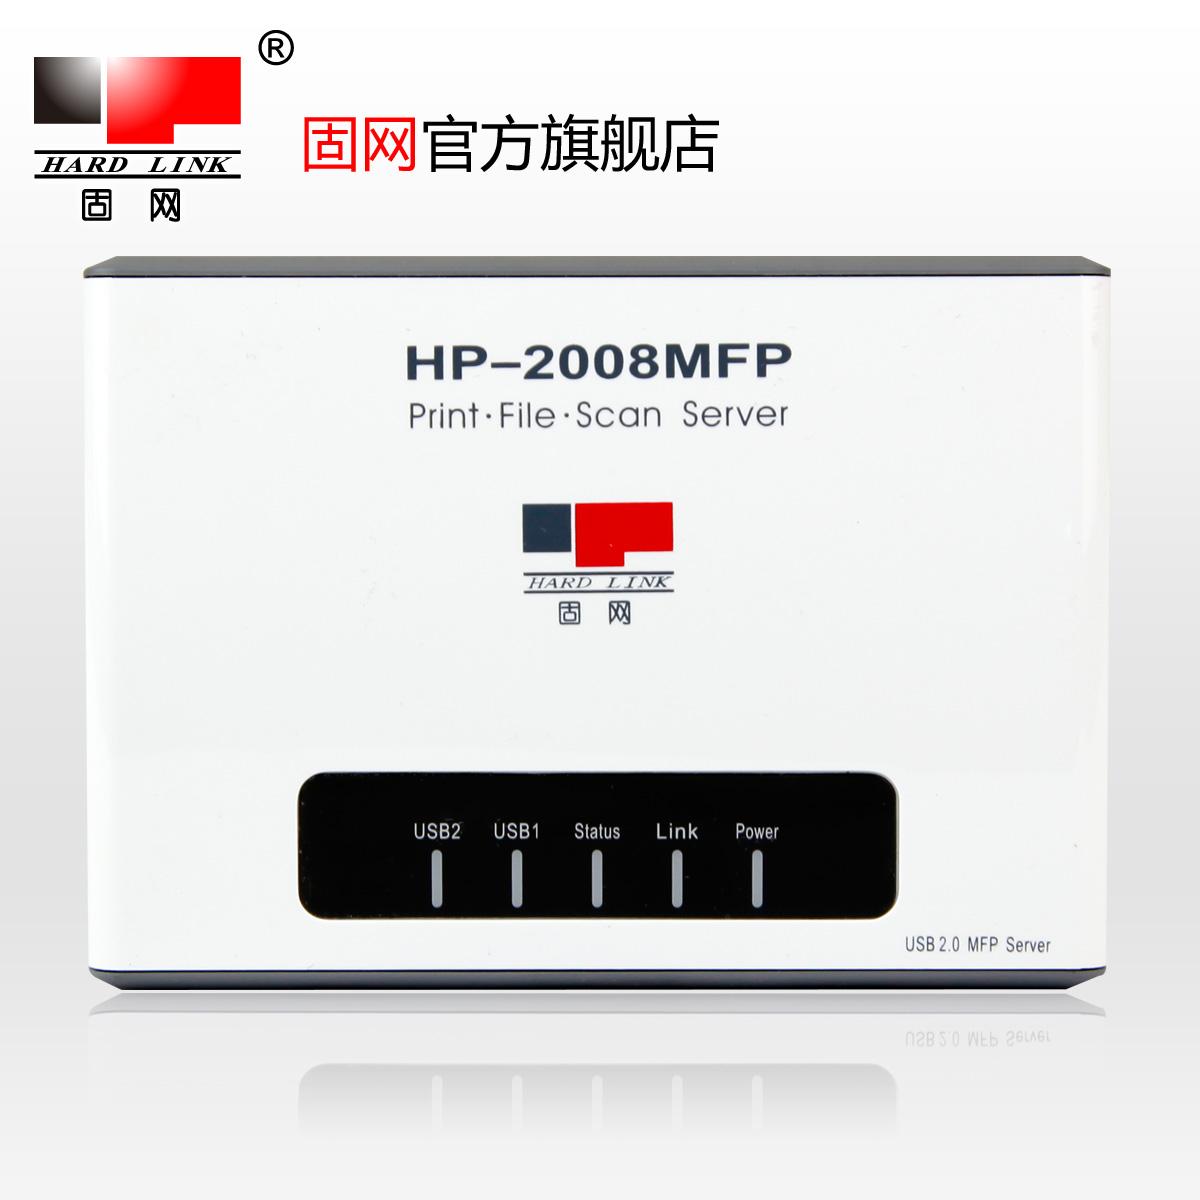 May одновременно поддержать 2 печатание вдоль обильного твердого сервера печати сети сети HP2008MFP универсального